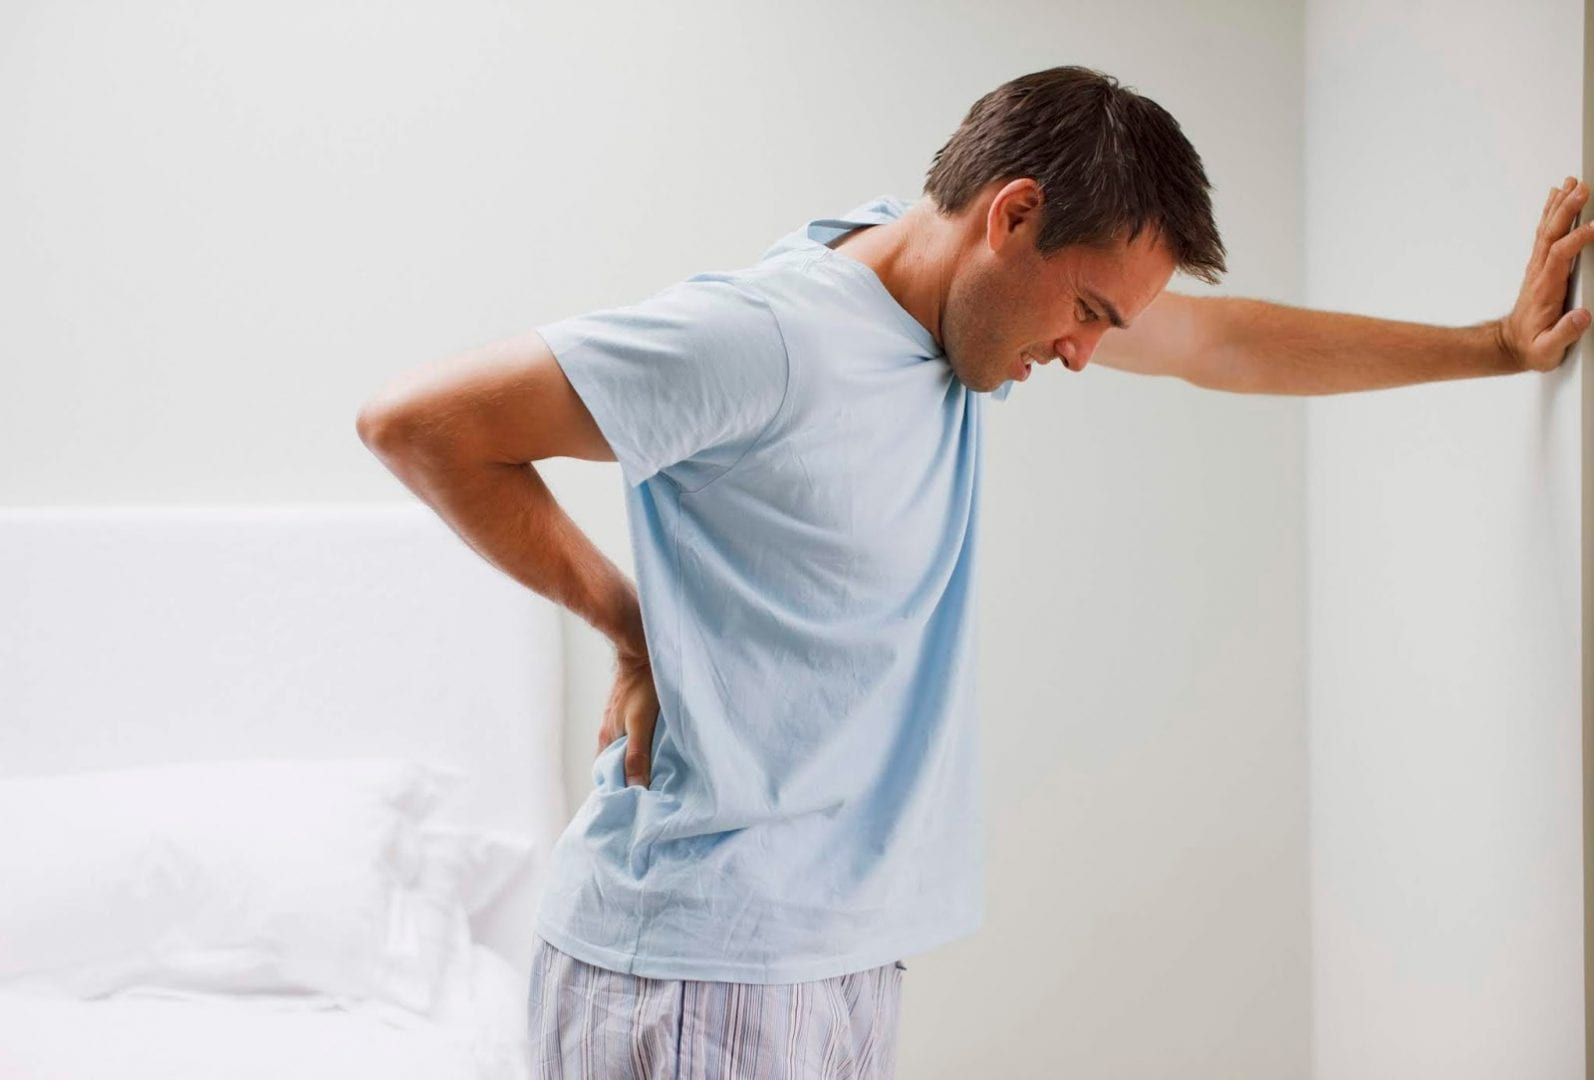 Síndrome de couvade - O que é, causas, como afeta o homem, como lidar